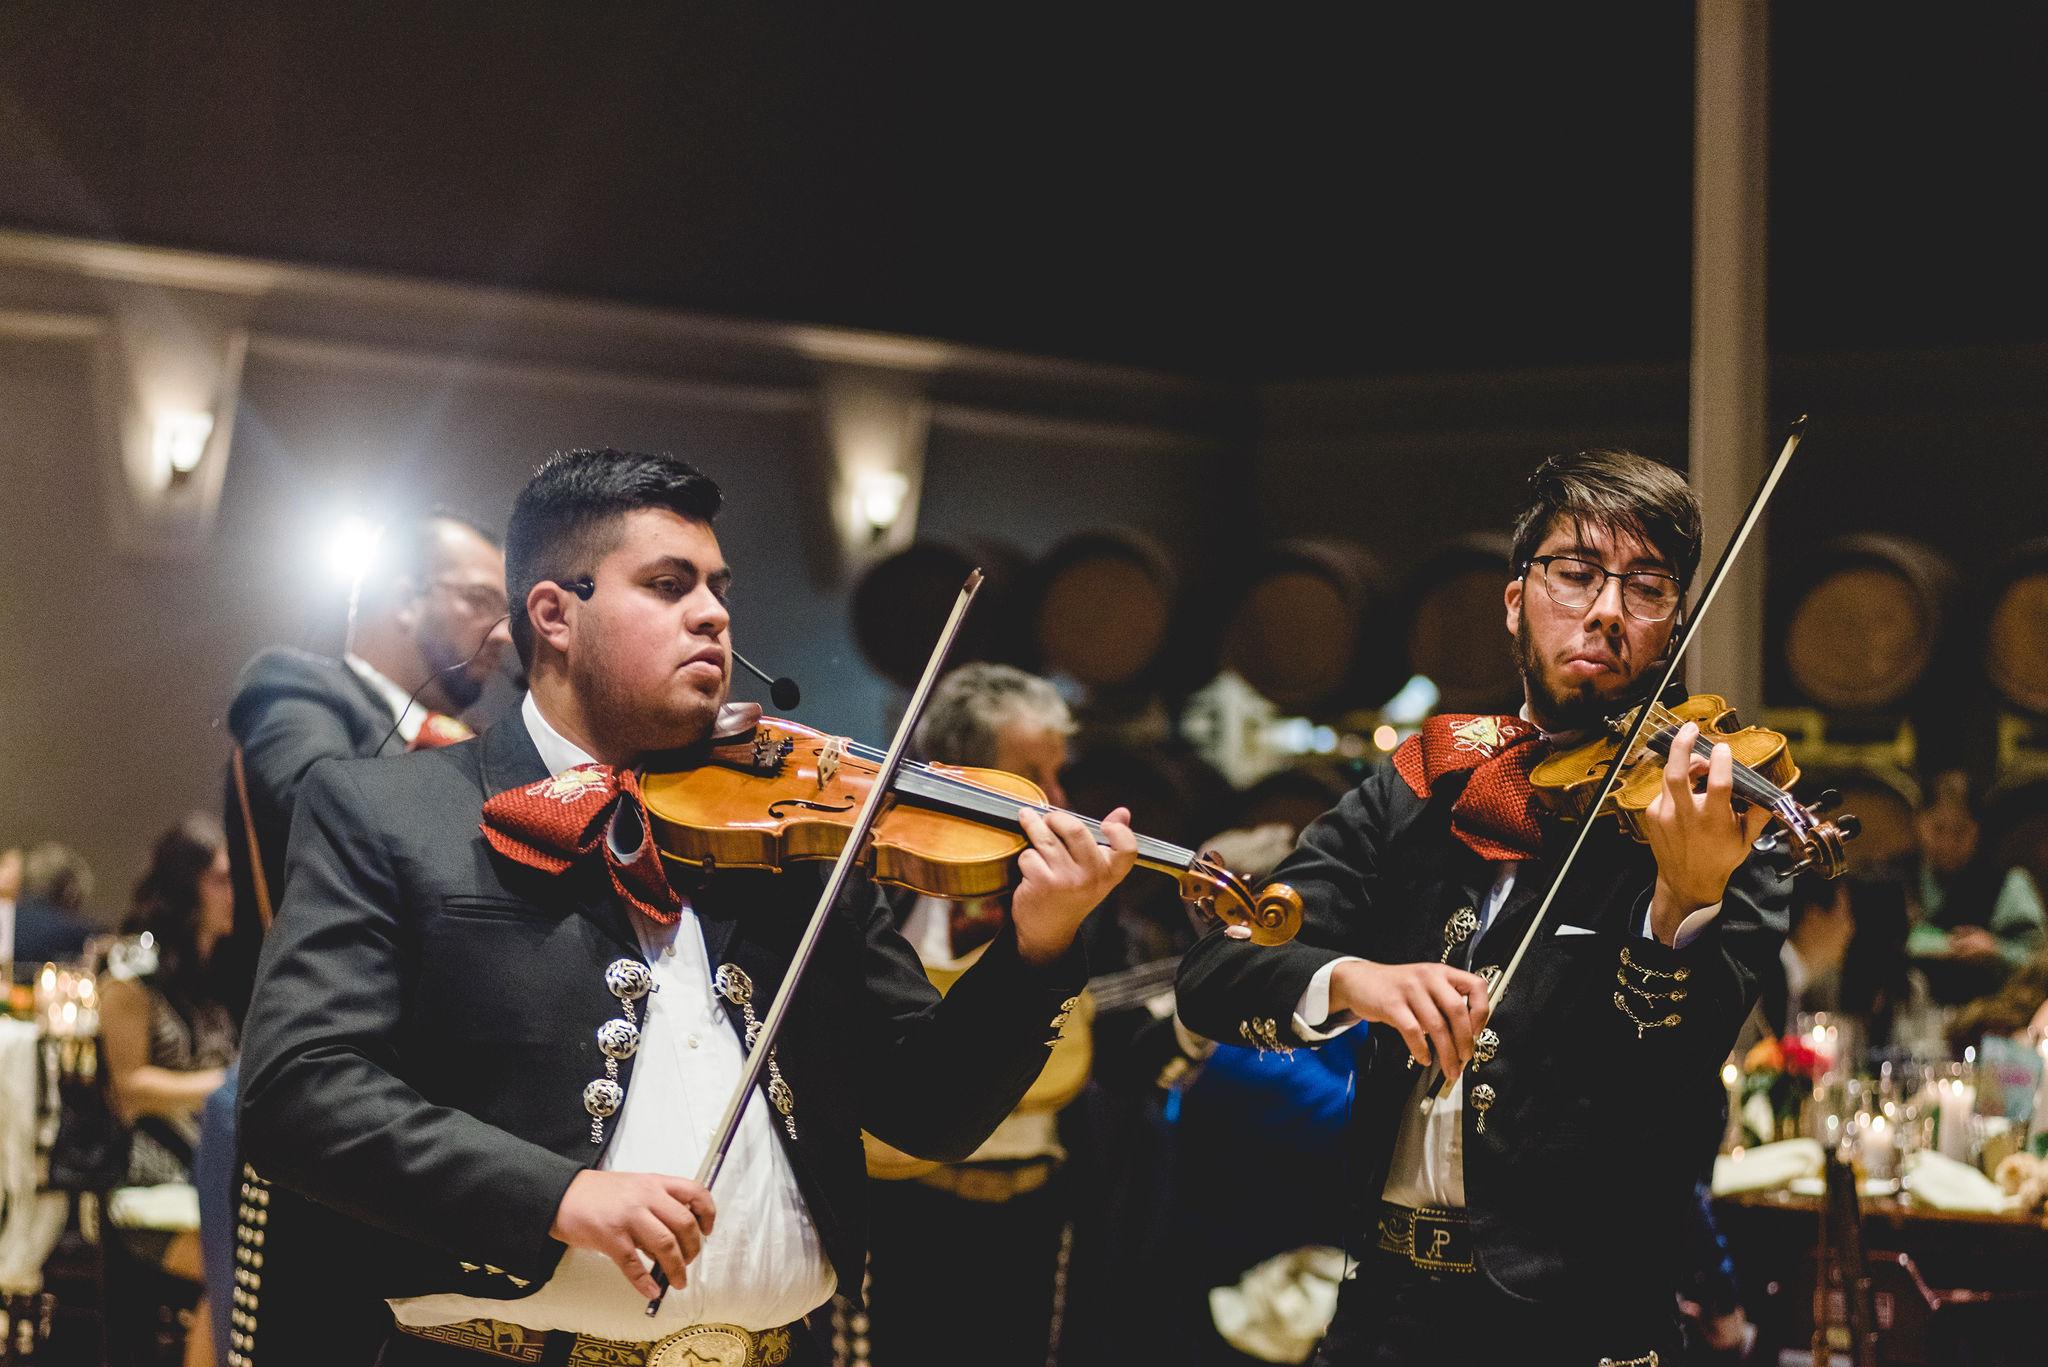 mariachi_band_wedding-reception-90.jpg